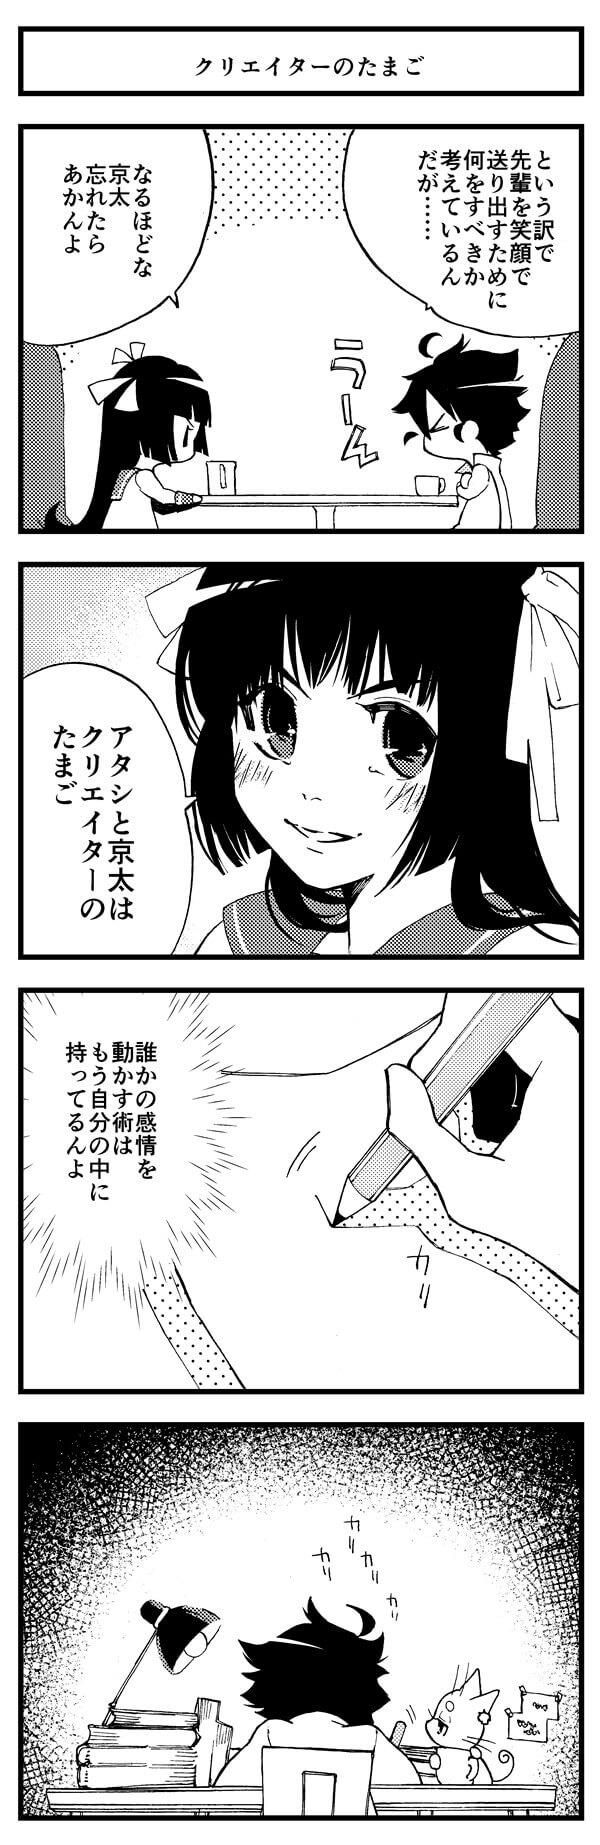 『京都クロスメディアParty!』 【第27話】